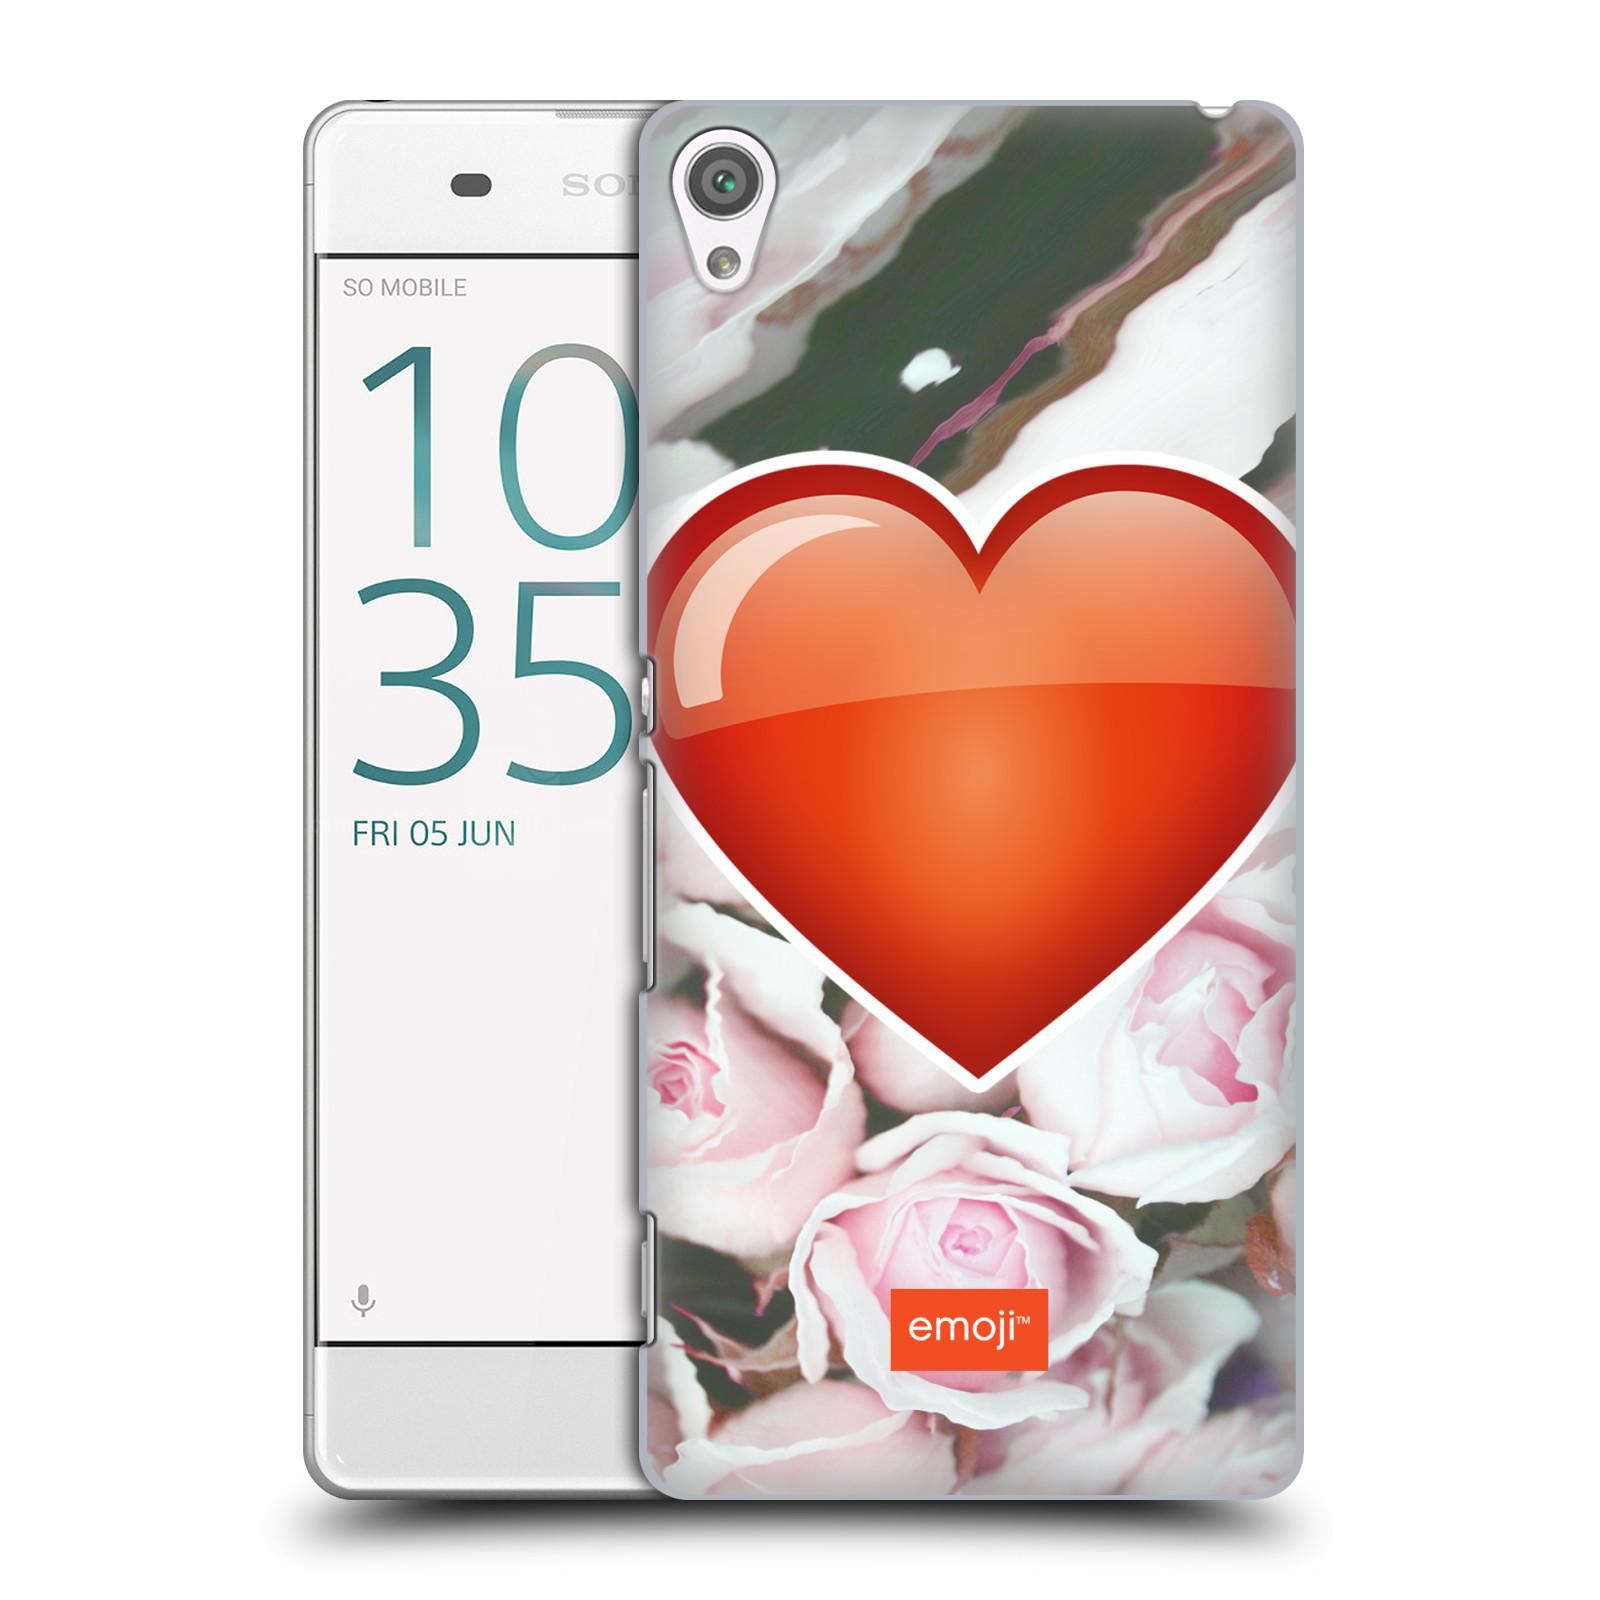 Pouzdro na mobil Sony Xperia XA - HEAD CASE - Emoji srdíčko